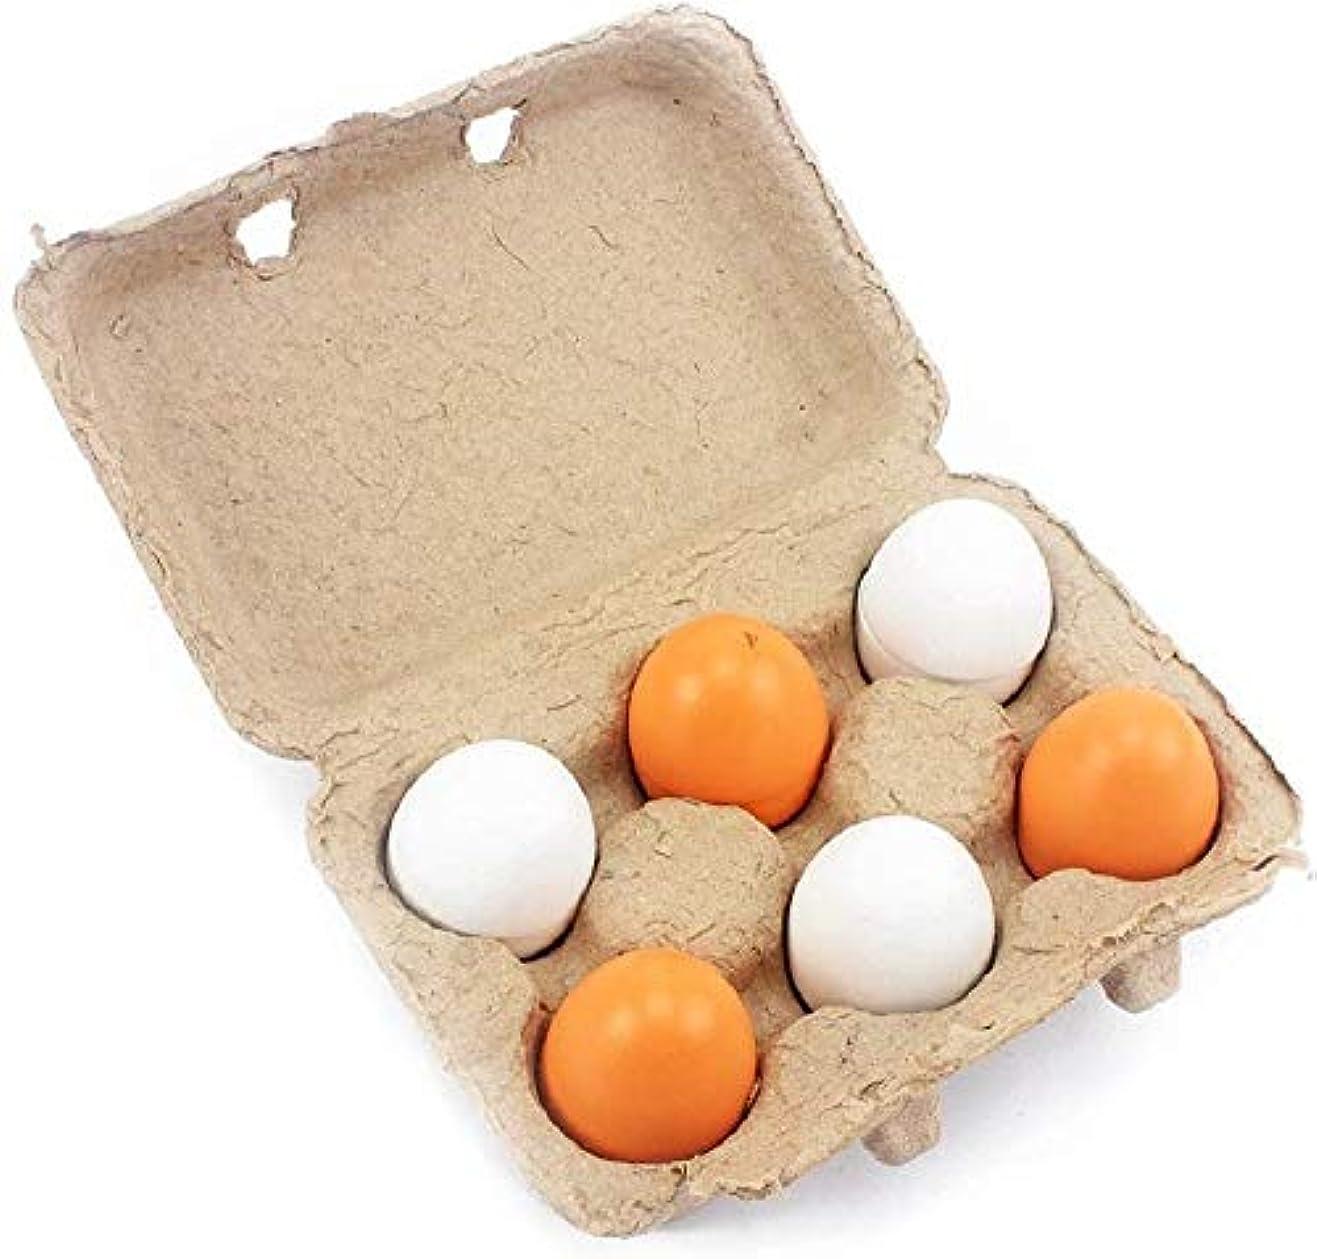 事実上タクシー信じられない子供の木製キッチンおもちゃの卵をシミュレート木製食品ふりプレイハウスキッチン食品のおもちゃ子供の誕生日プレゼントの女の子(6個木製の卵)